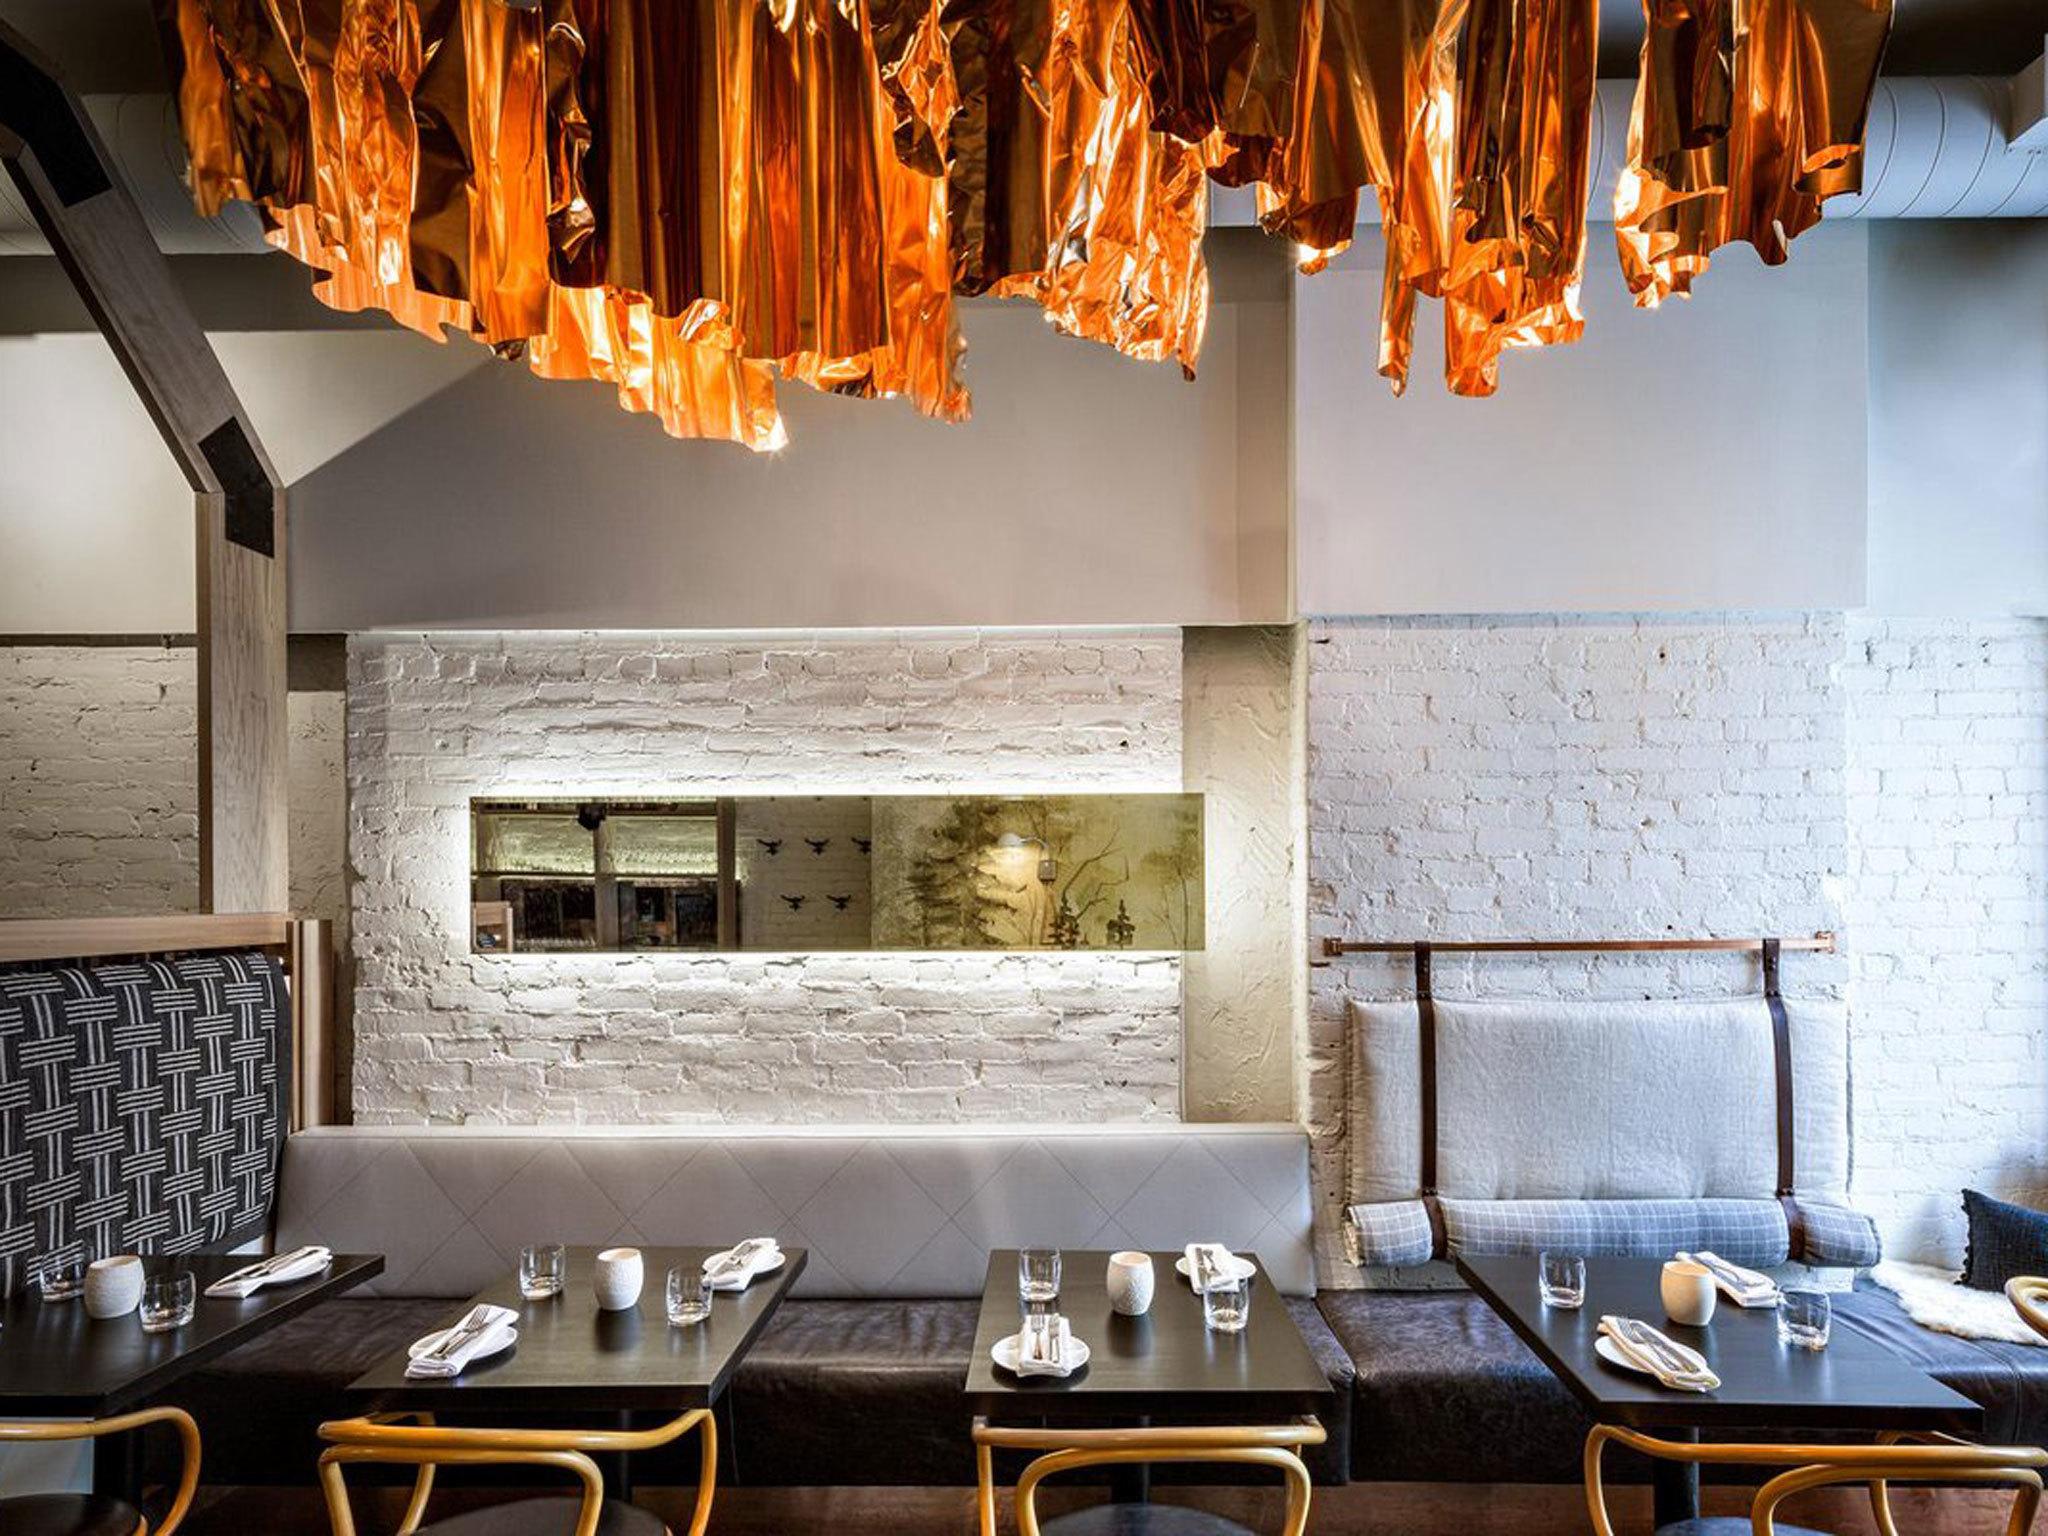 Boralia restaurant - Ontario - Canada